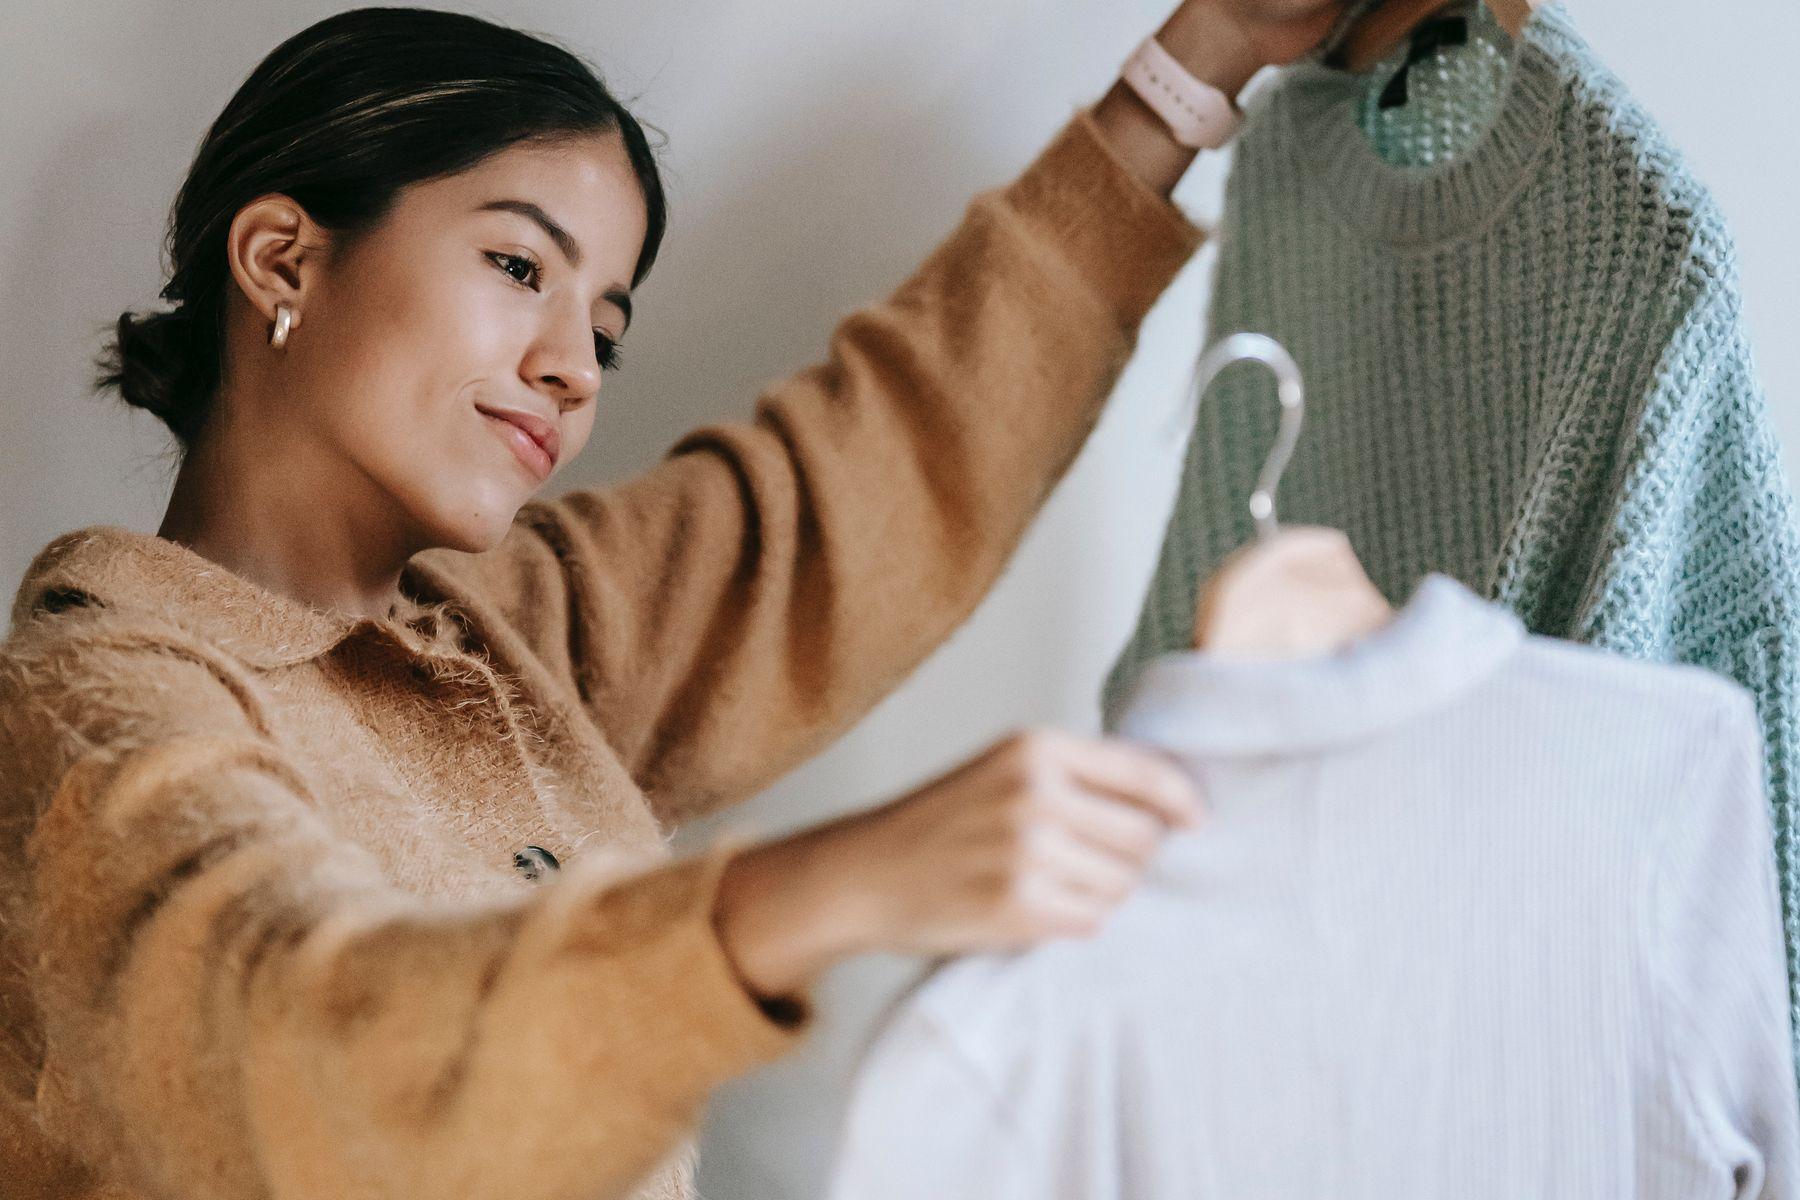 Mẹo phối đồ ngầu cho nữ | Cleanipedia